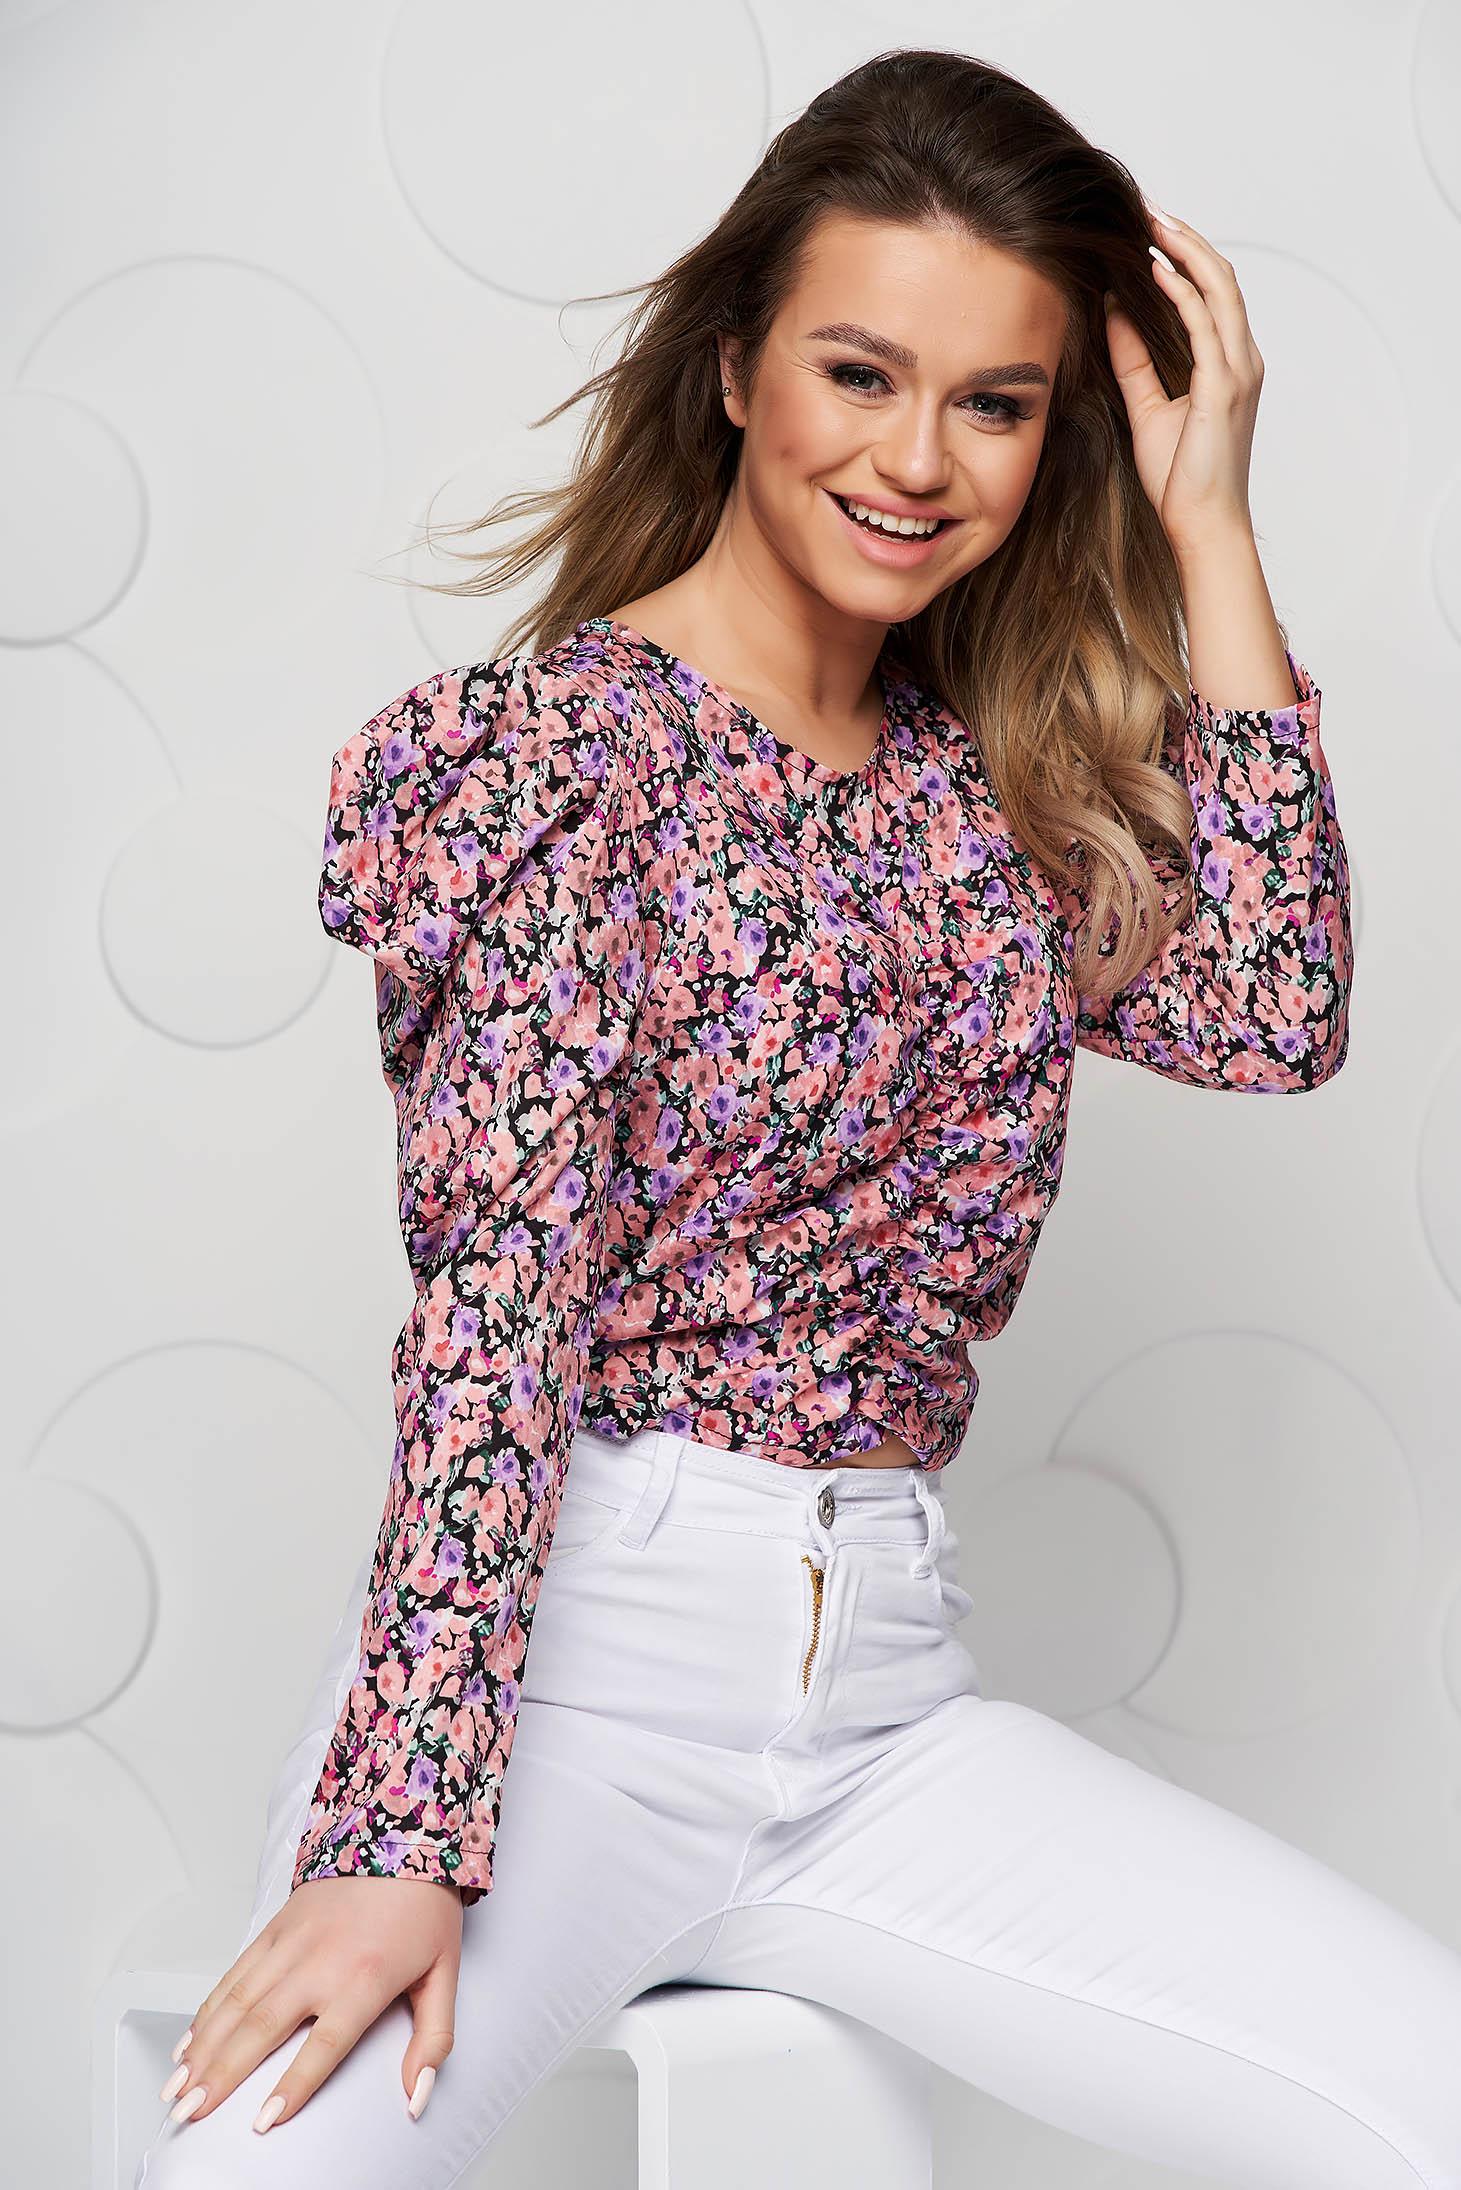 Bluza dama SunShine roz cu imprimeu floral mulata cu material incretit si umeri cu volum